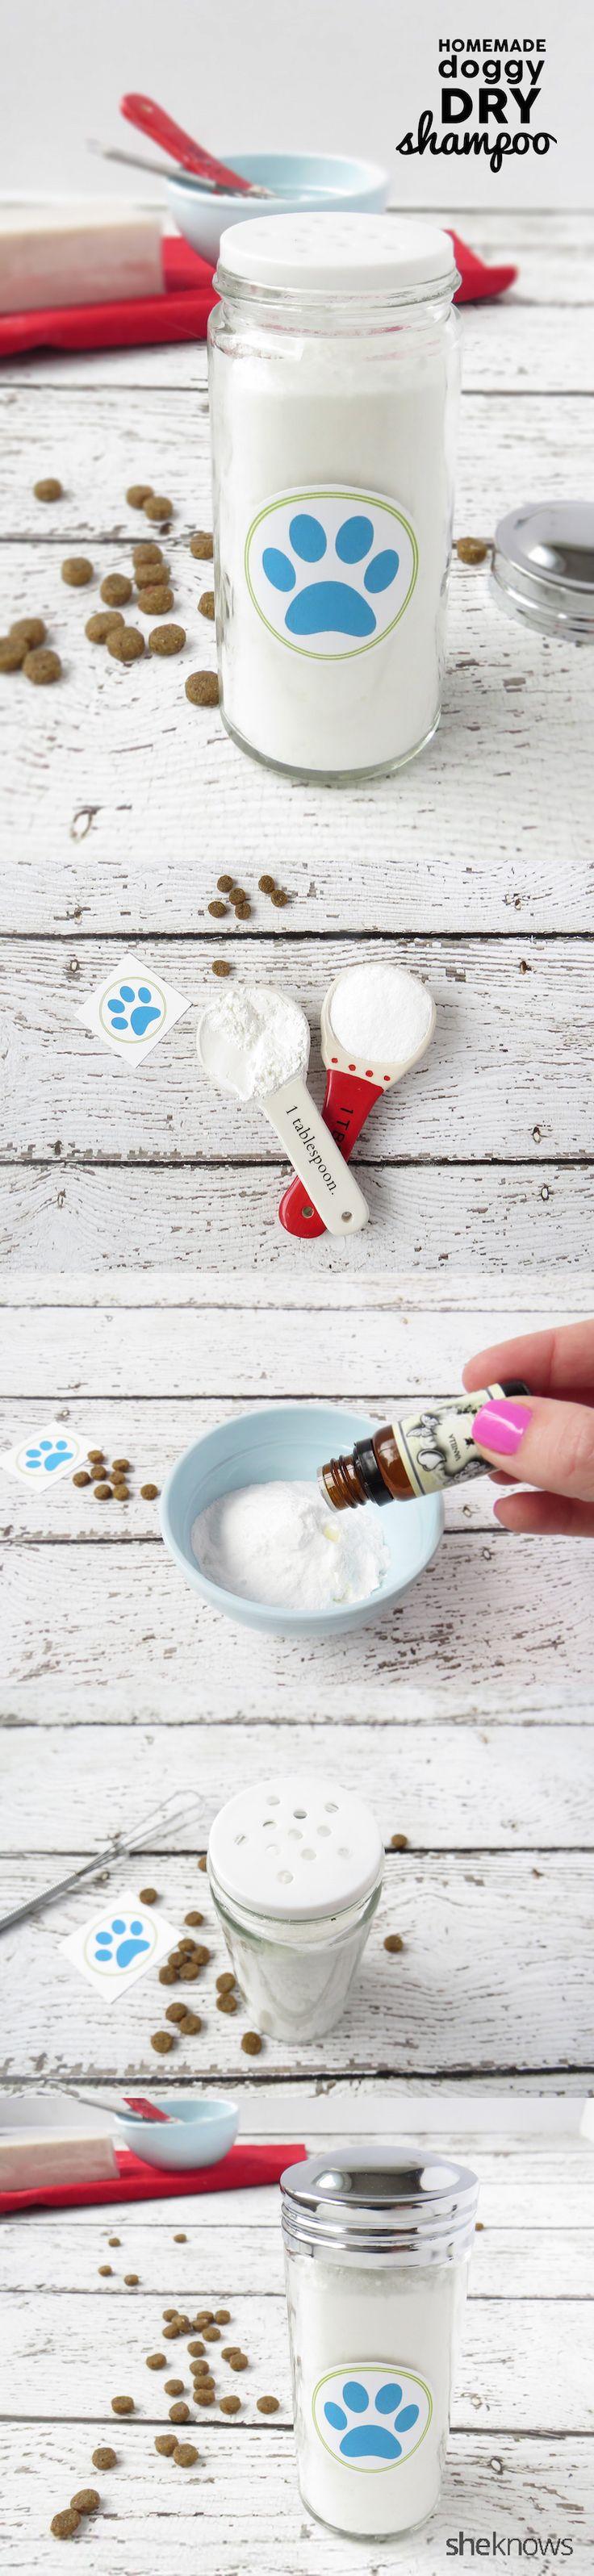 ¿Cómo hacer un champú seco para perros con sólo 3 ingredientes simples.  Grande utilizar en el medio baños perro!